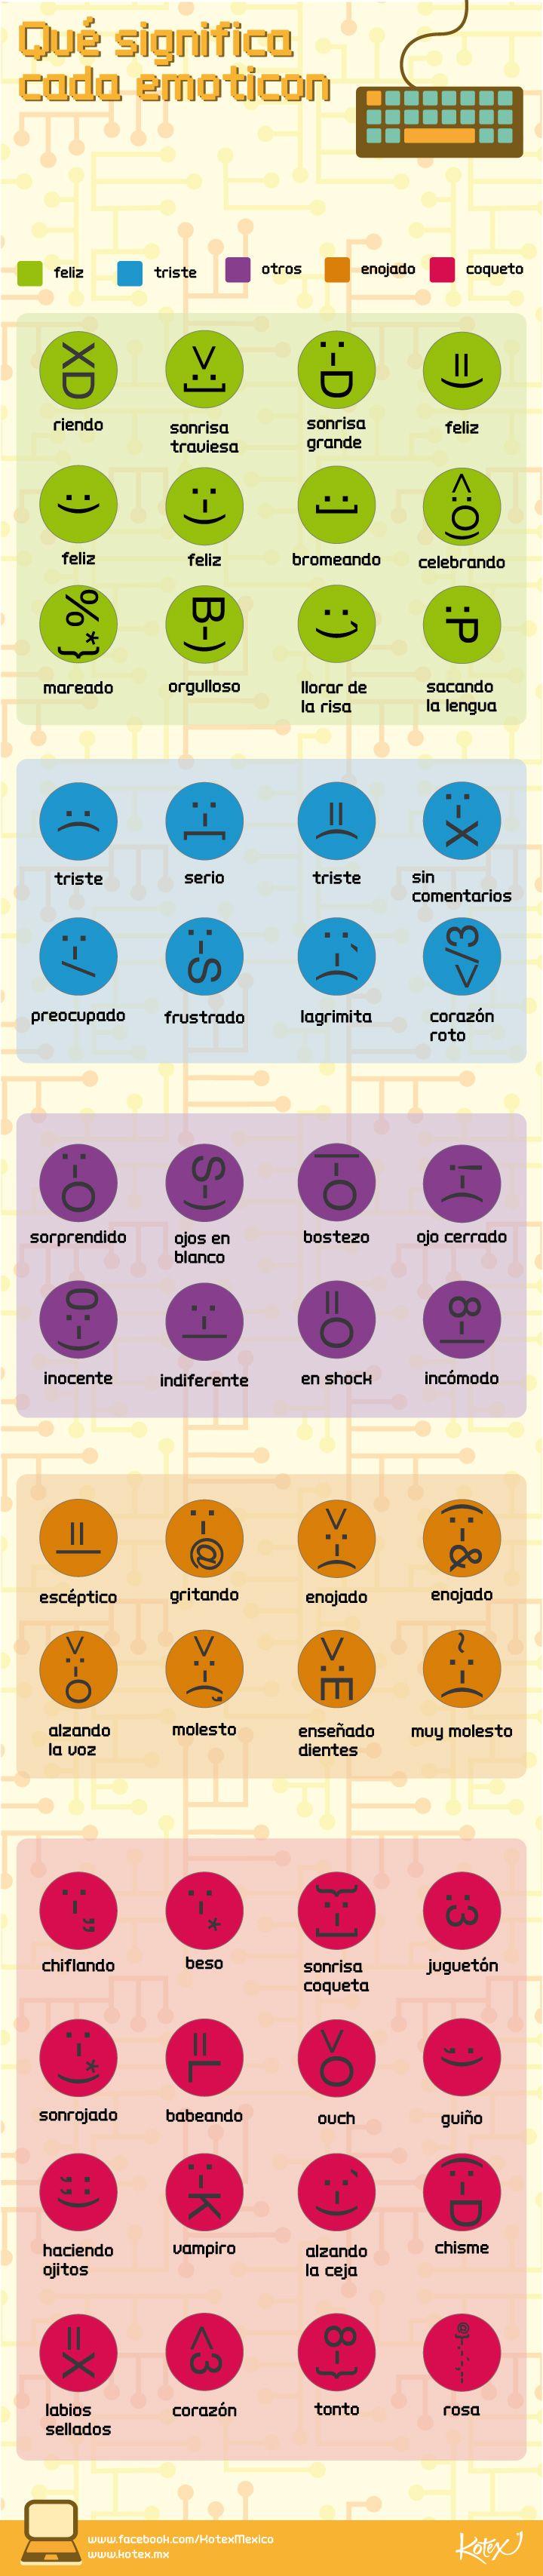 El significado de los emoticones #infografia #infographic #internet via @Alfredo Malatesta Vela  ticsyformacion.com